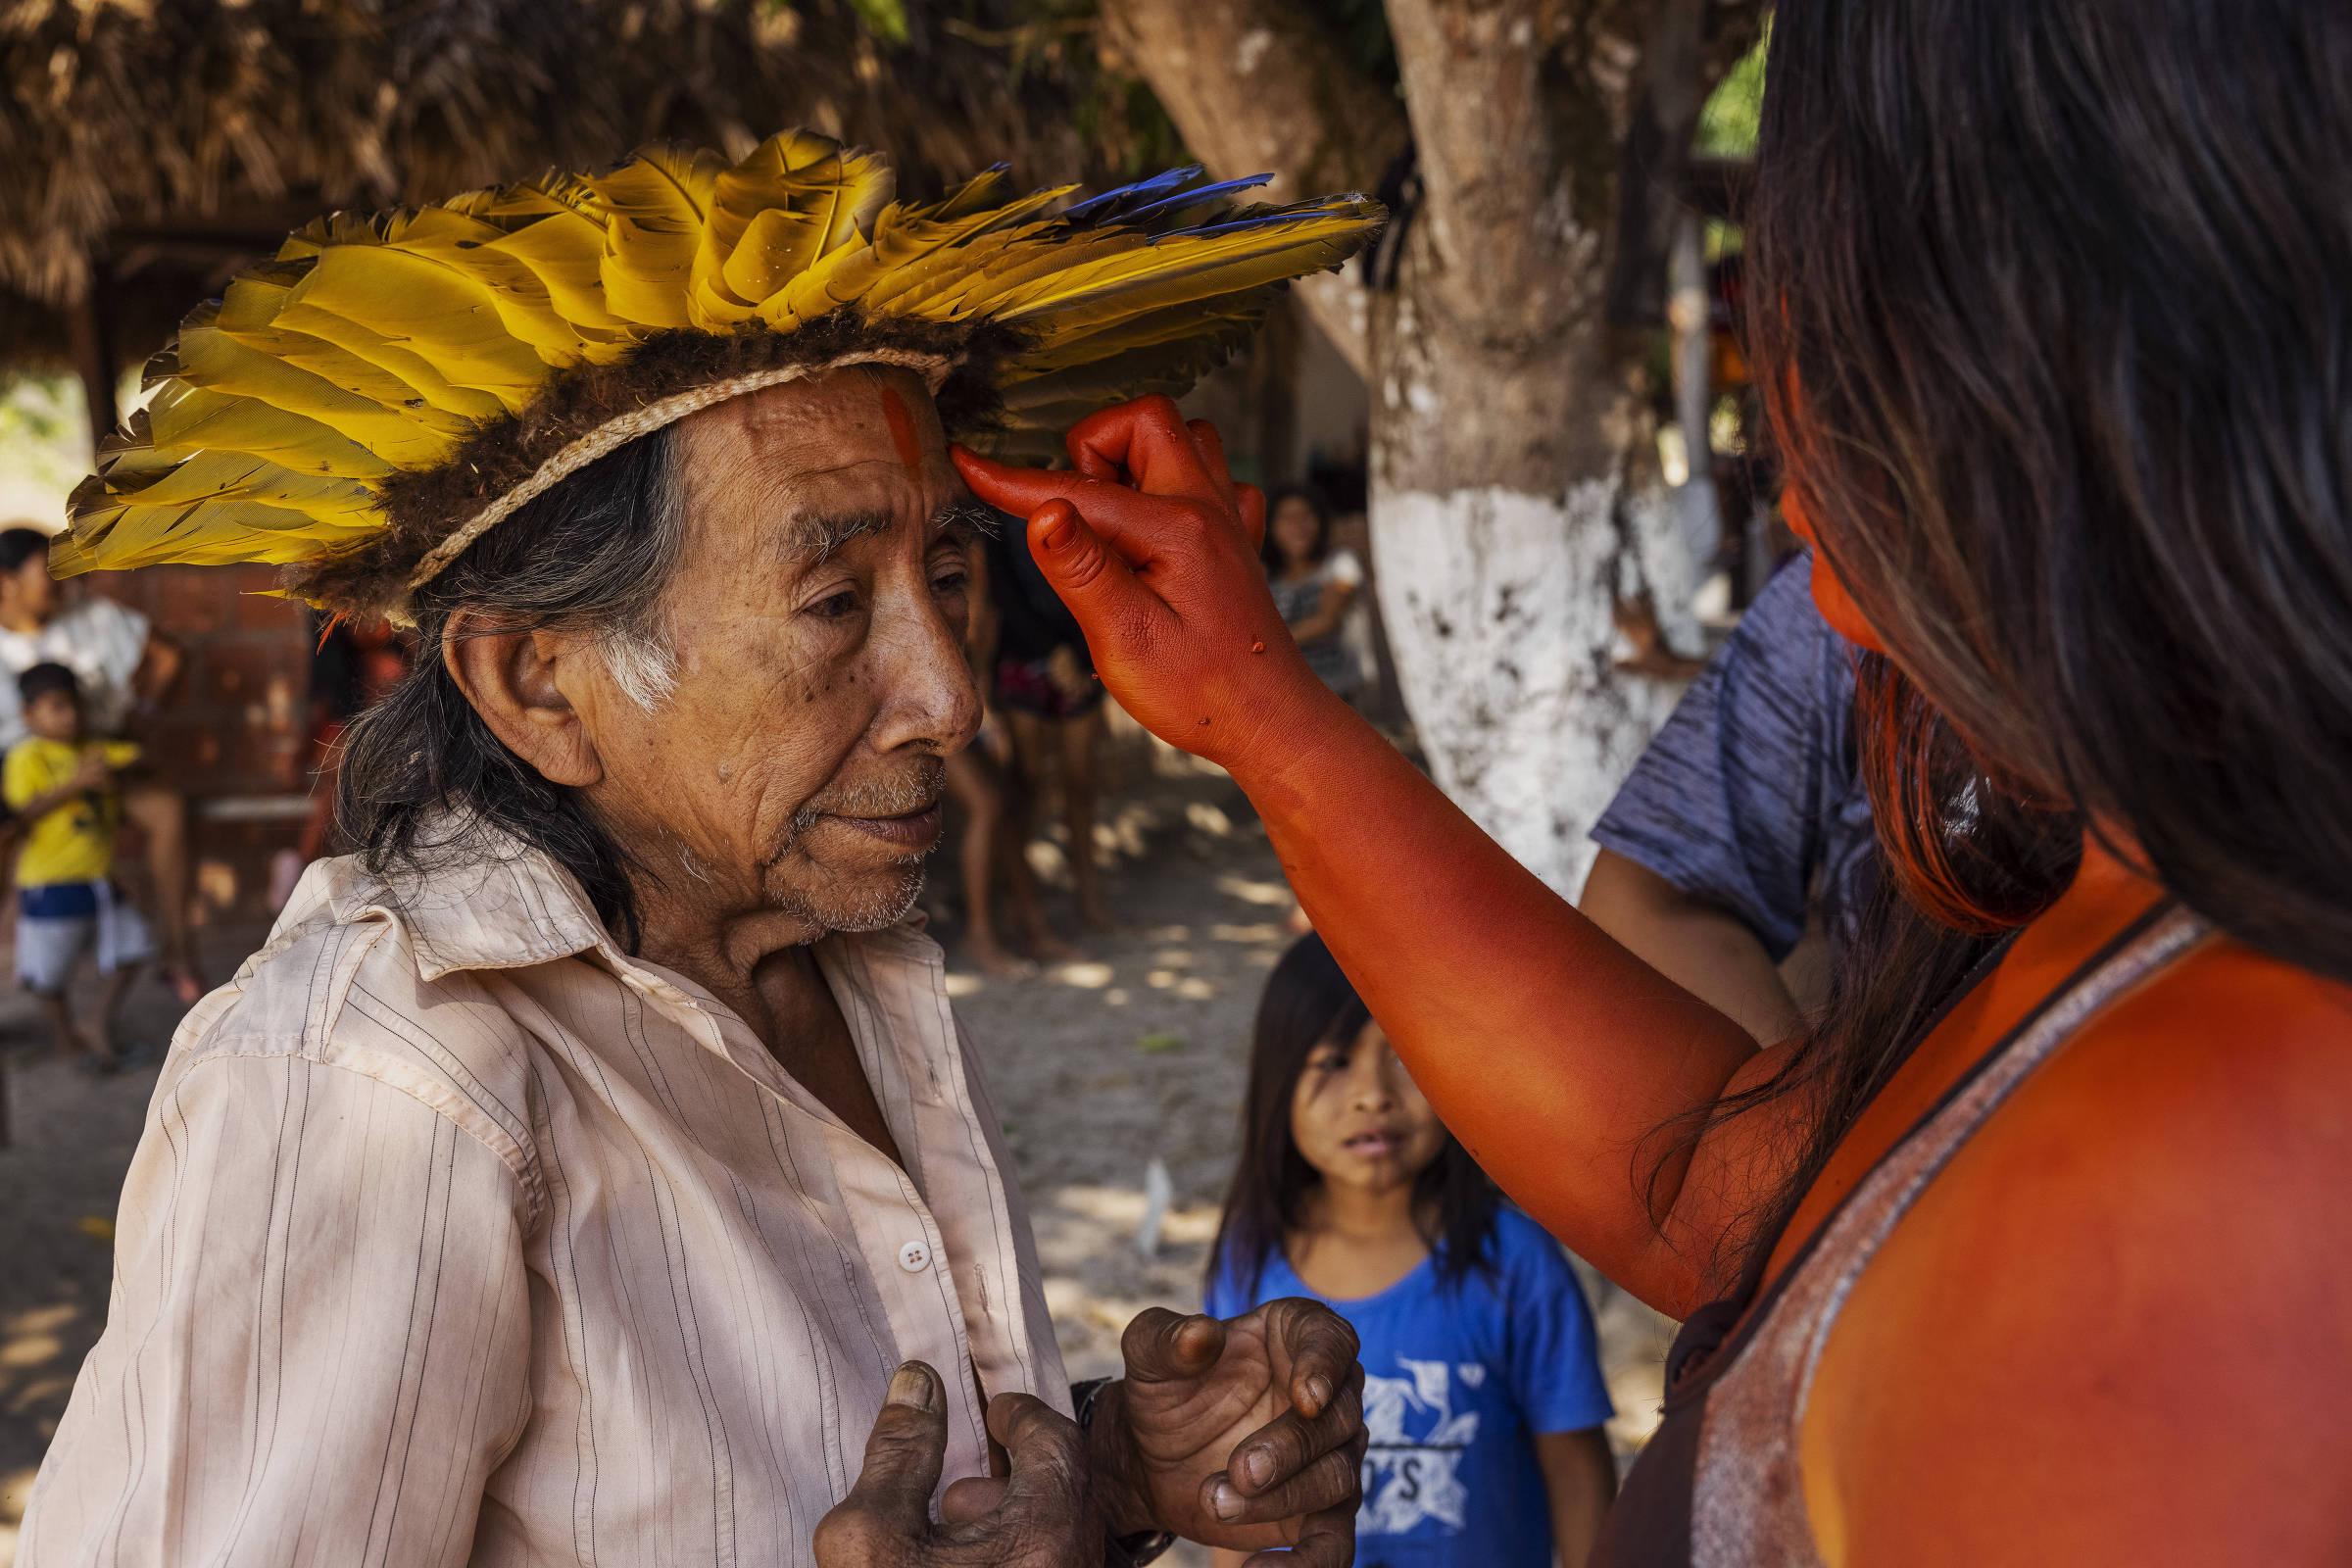 Jovem pinta o rosto do cacique Manoel Kanunxi, 71, antes de uma apresentação cultural do povo manoki